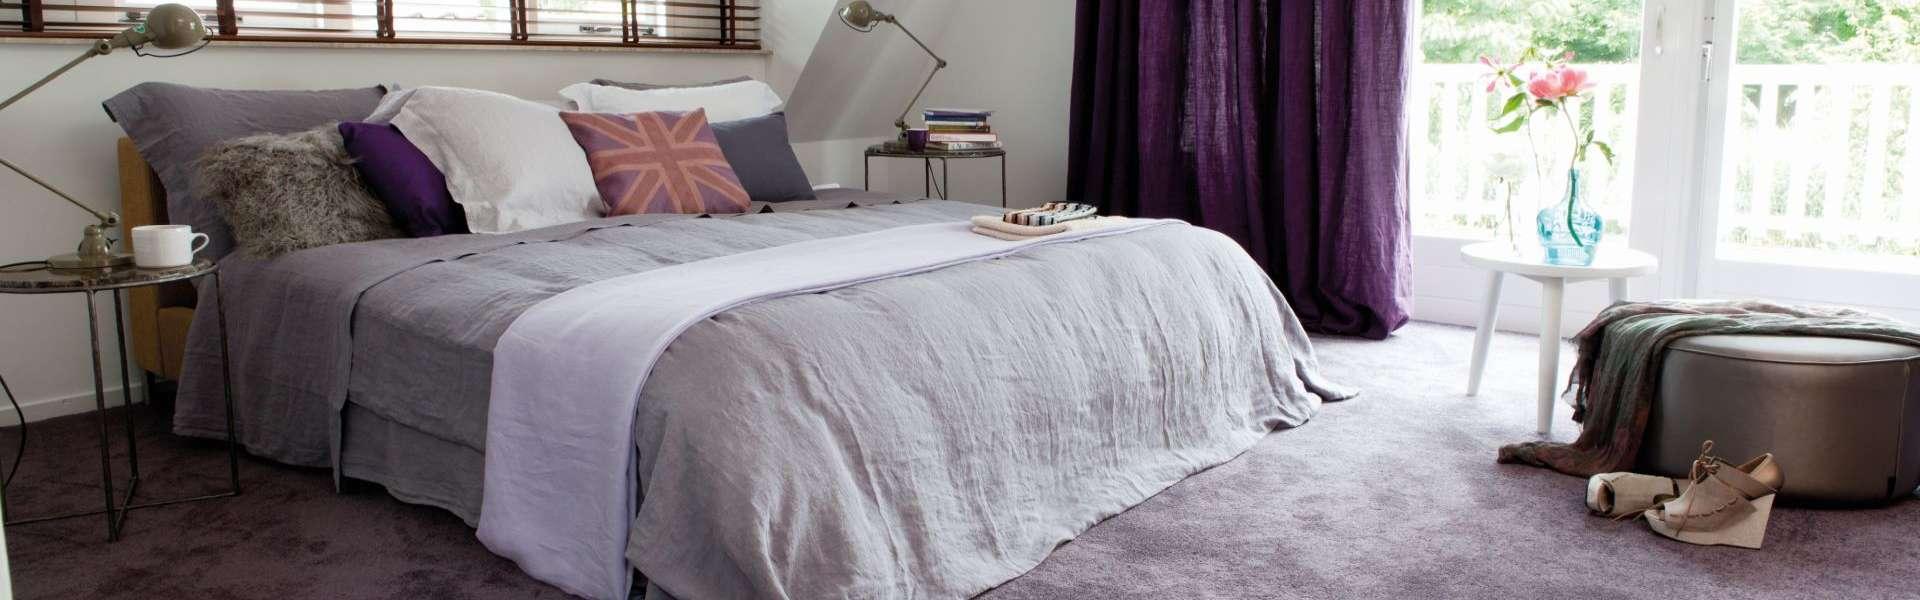 Bils: Teppichboden lila Schlafzimmer